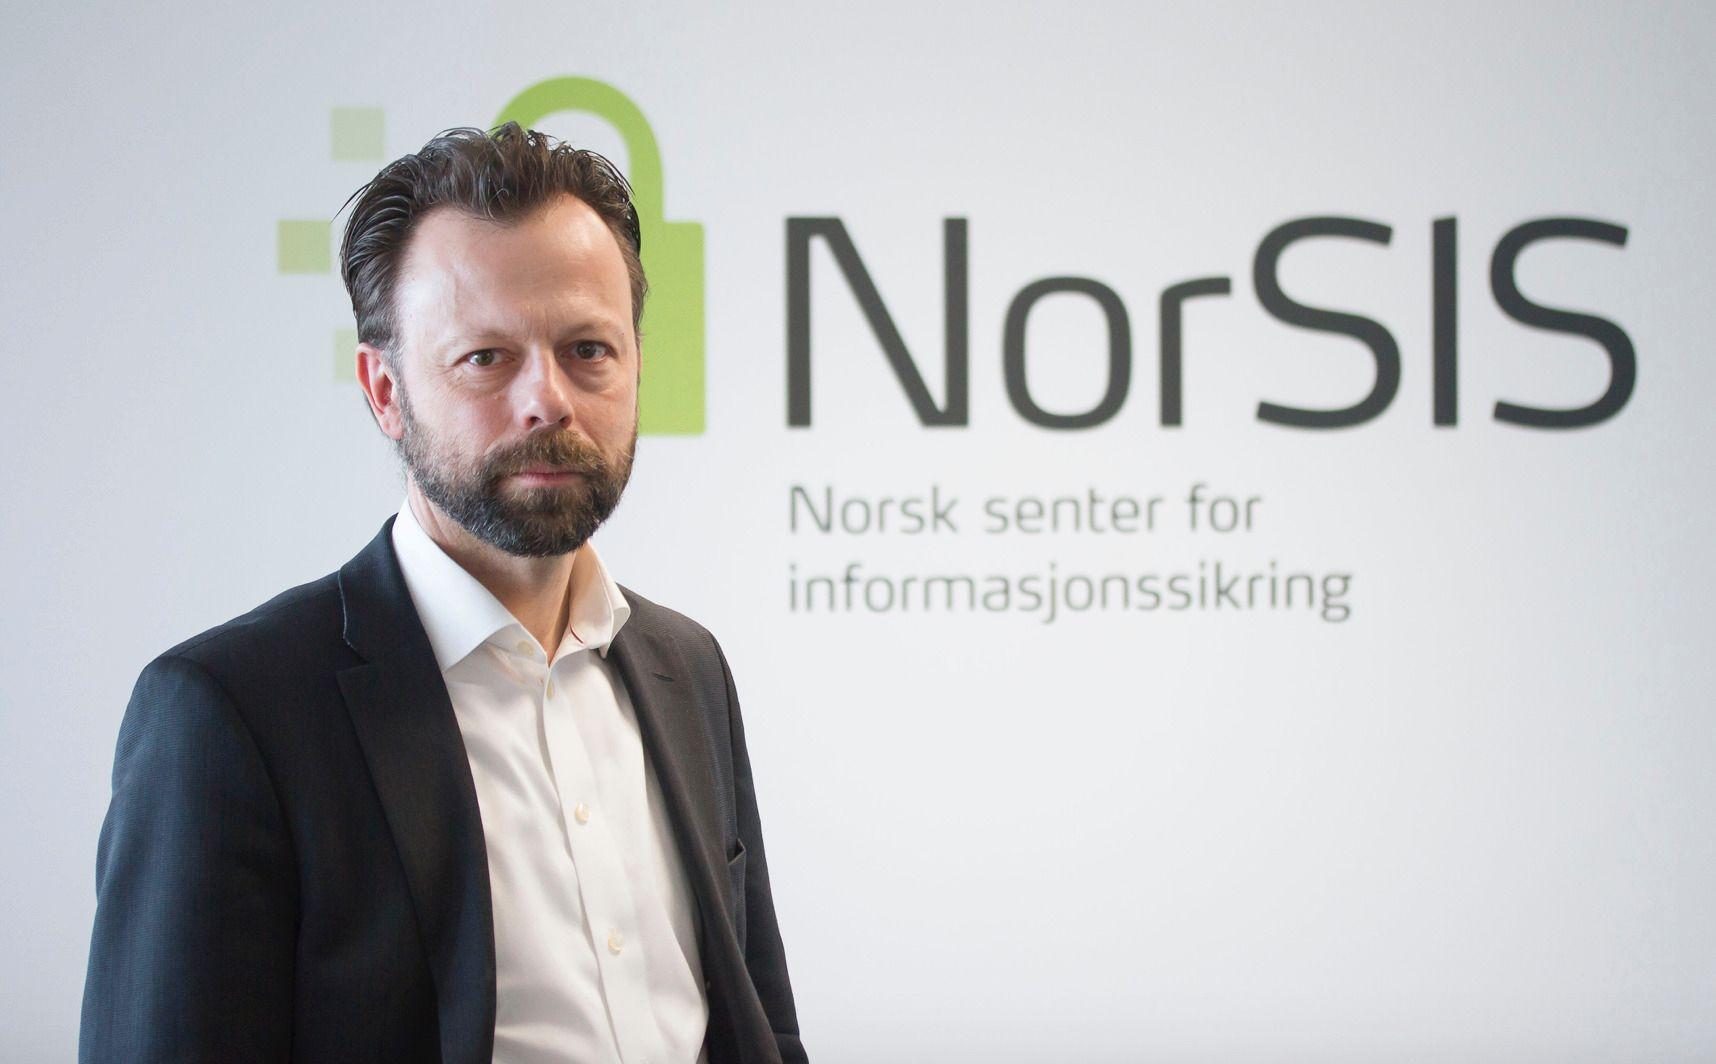 BEKYMRET: Direktør i Norsk senter for informasjonssikring, Roger Johnsen, mener det er svært uheldig om ofre for kriminalitet selv henges ut som kriminelle.